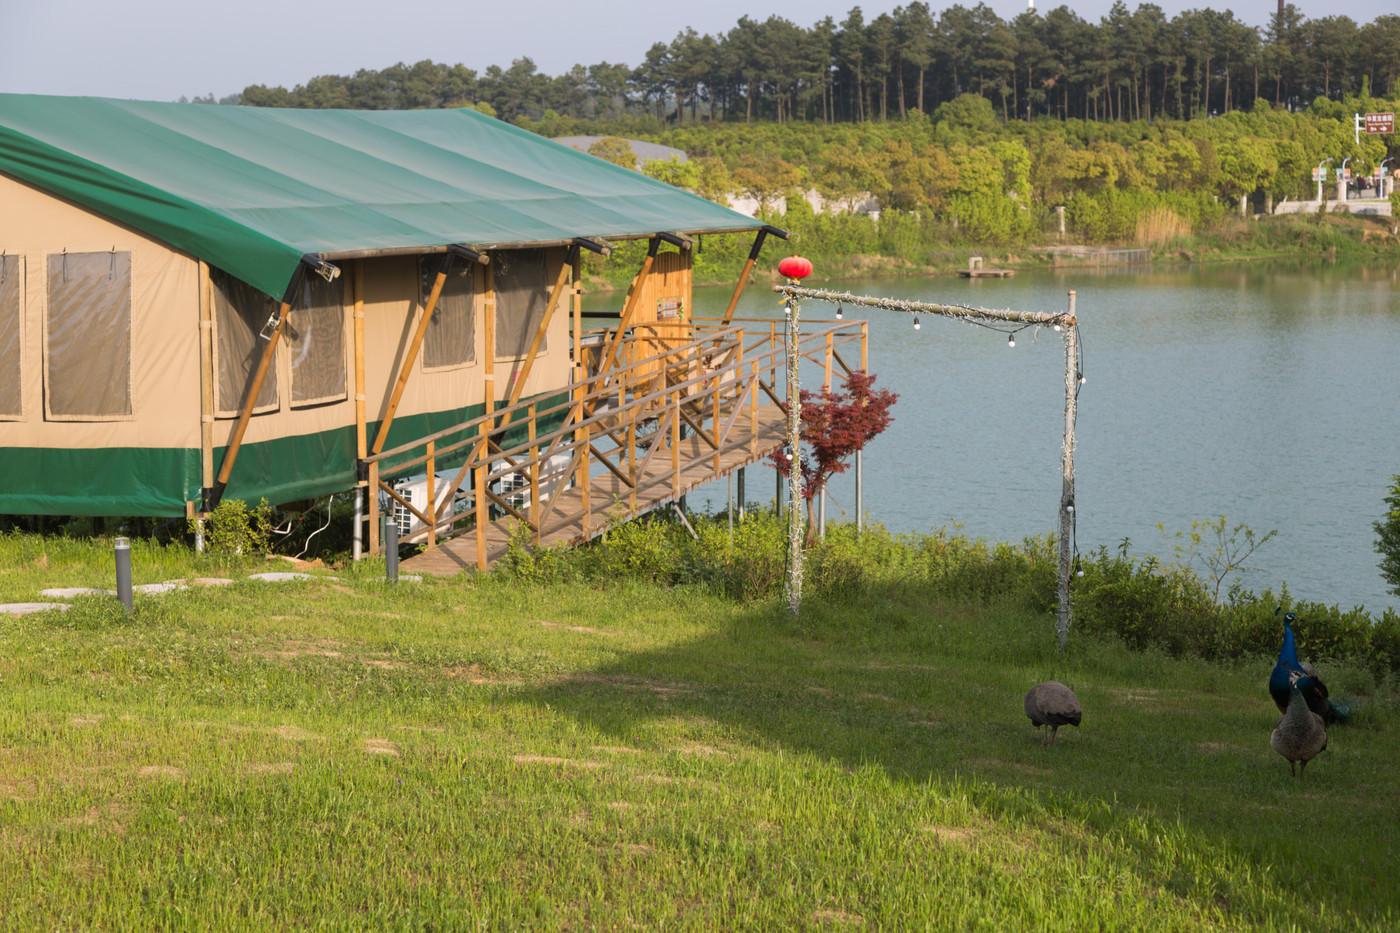 喜马拉雅野奢帐篷酒店—江苏常州茅山宝盛园2期茶田帐篷酒店16